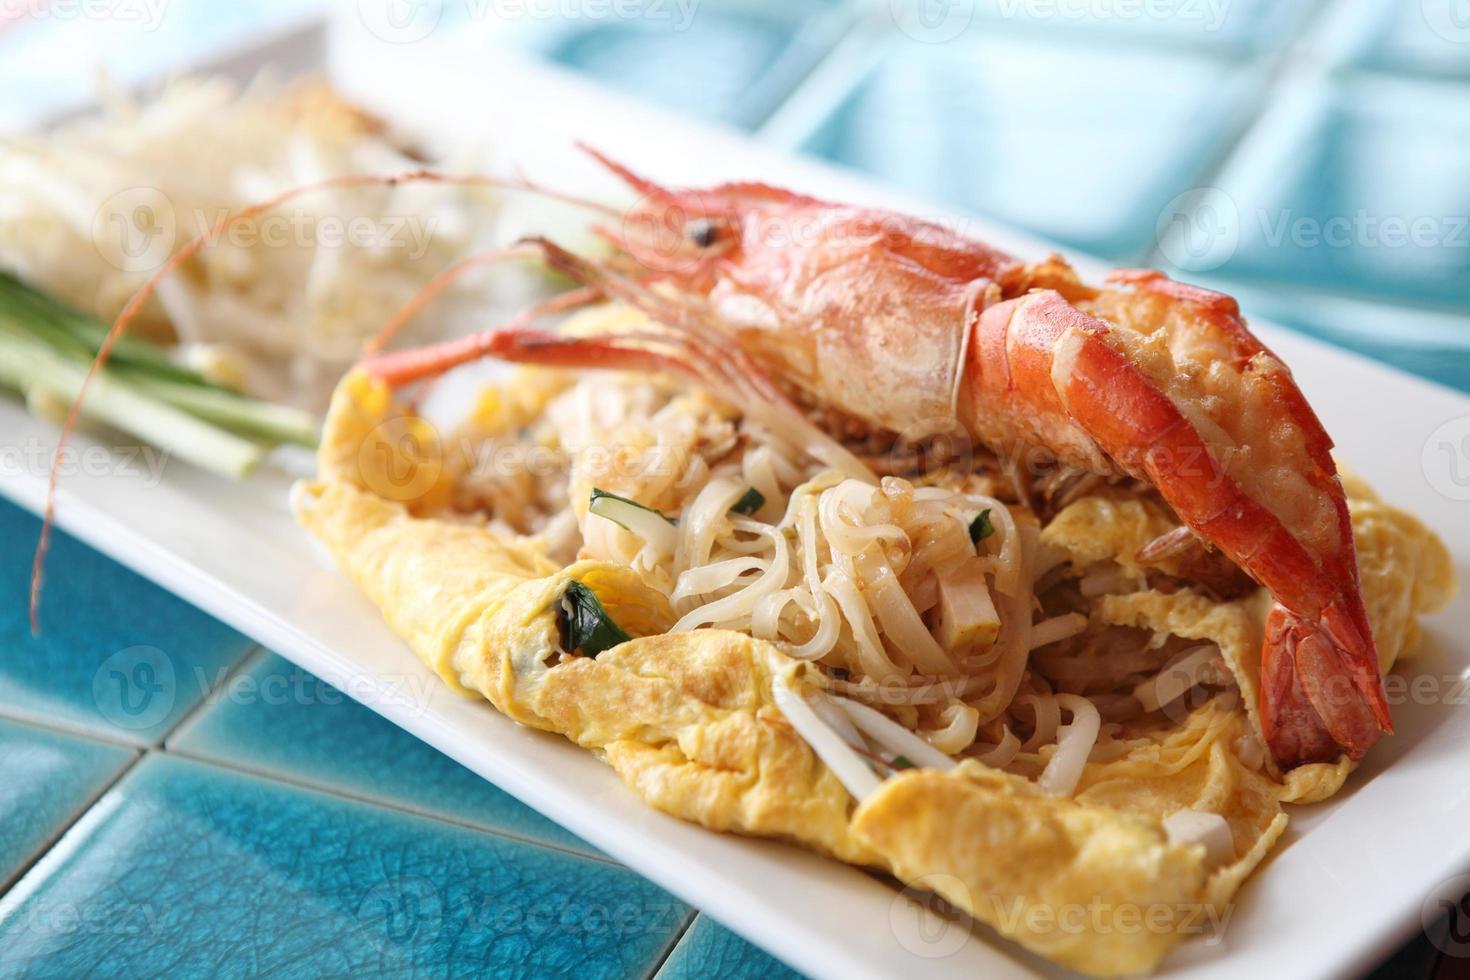 Thai Food Padthai gebratene Nudeln mit Garnelen foto